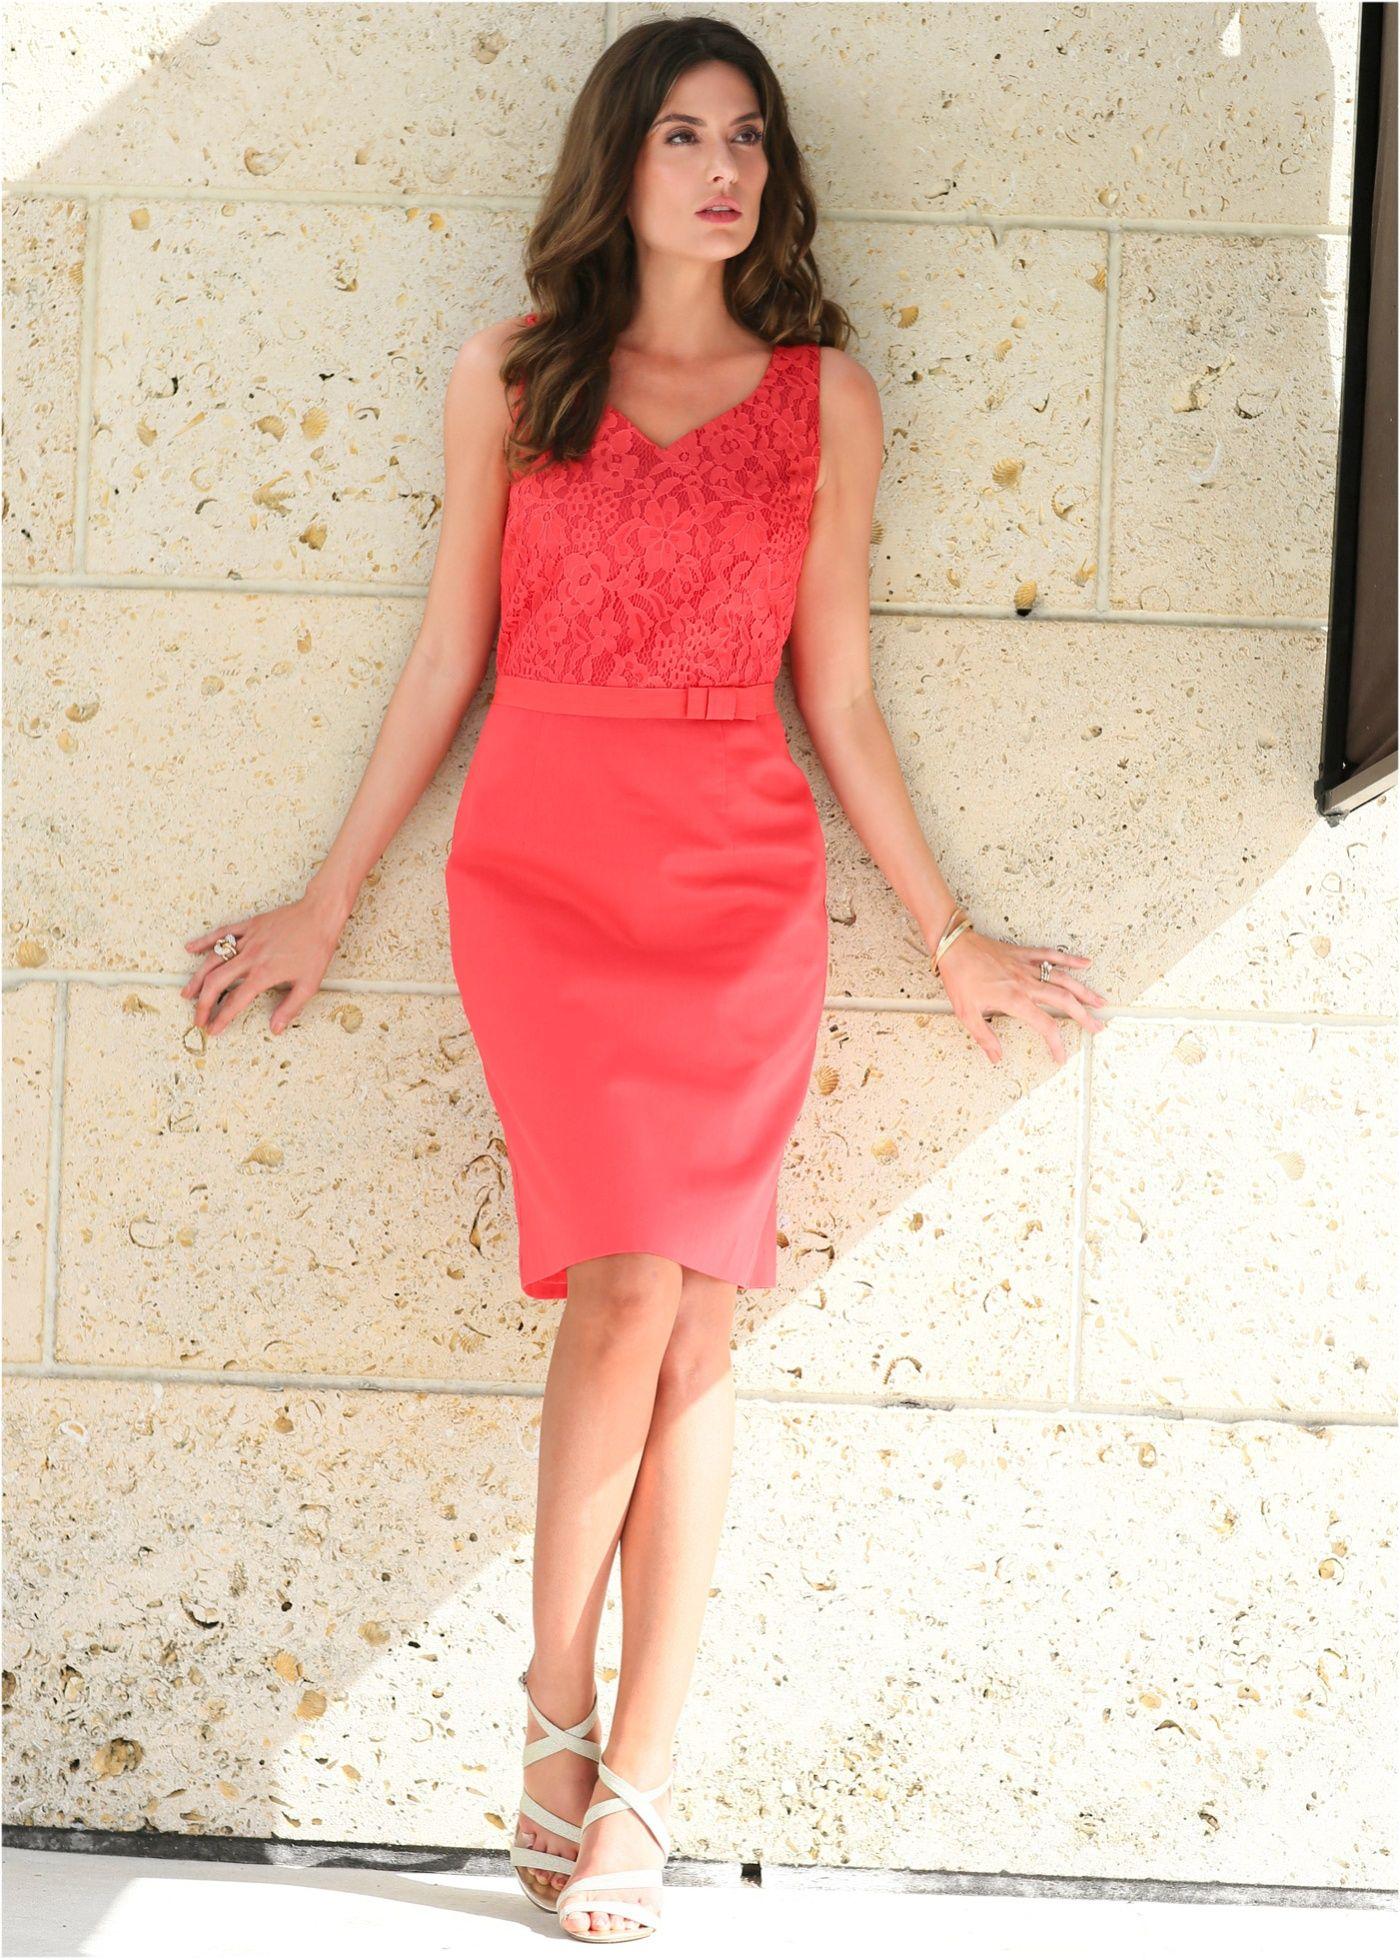 Premium Leinenkleid hummer - bpc selection premium jetzt im Online Shop von bonprix.de ab ? 38,99 bestellen. Dieses elegante Kleid von bpc selection premium ...